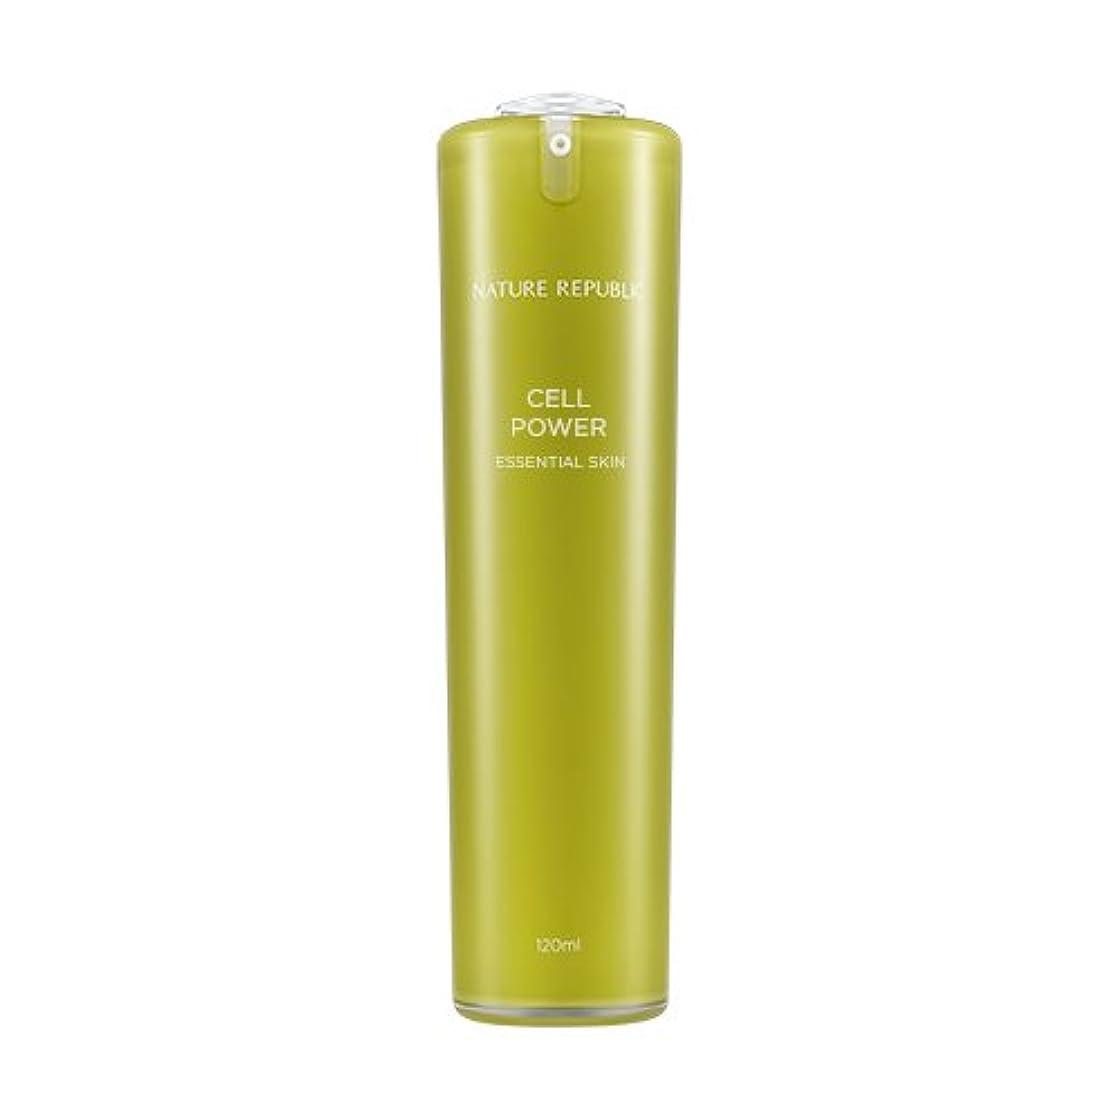 ペン薬お肉NATURE REPUBLIC Cell Power Essential Skin / ネイチャーリパブリックセルパワーエッセンシャルスキン 120ml [並行輸入品]